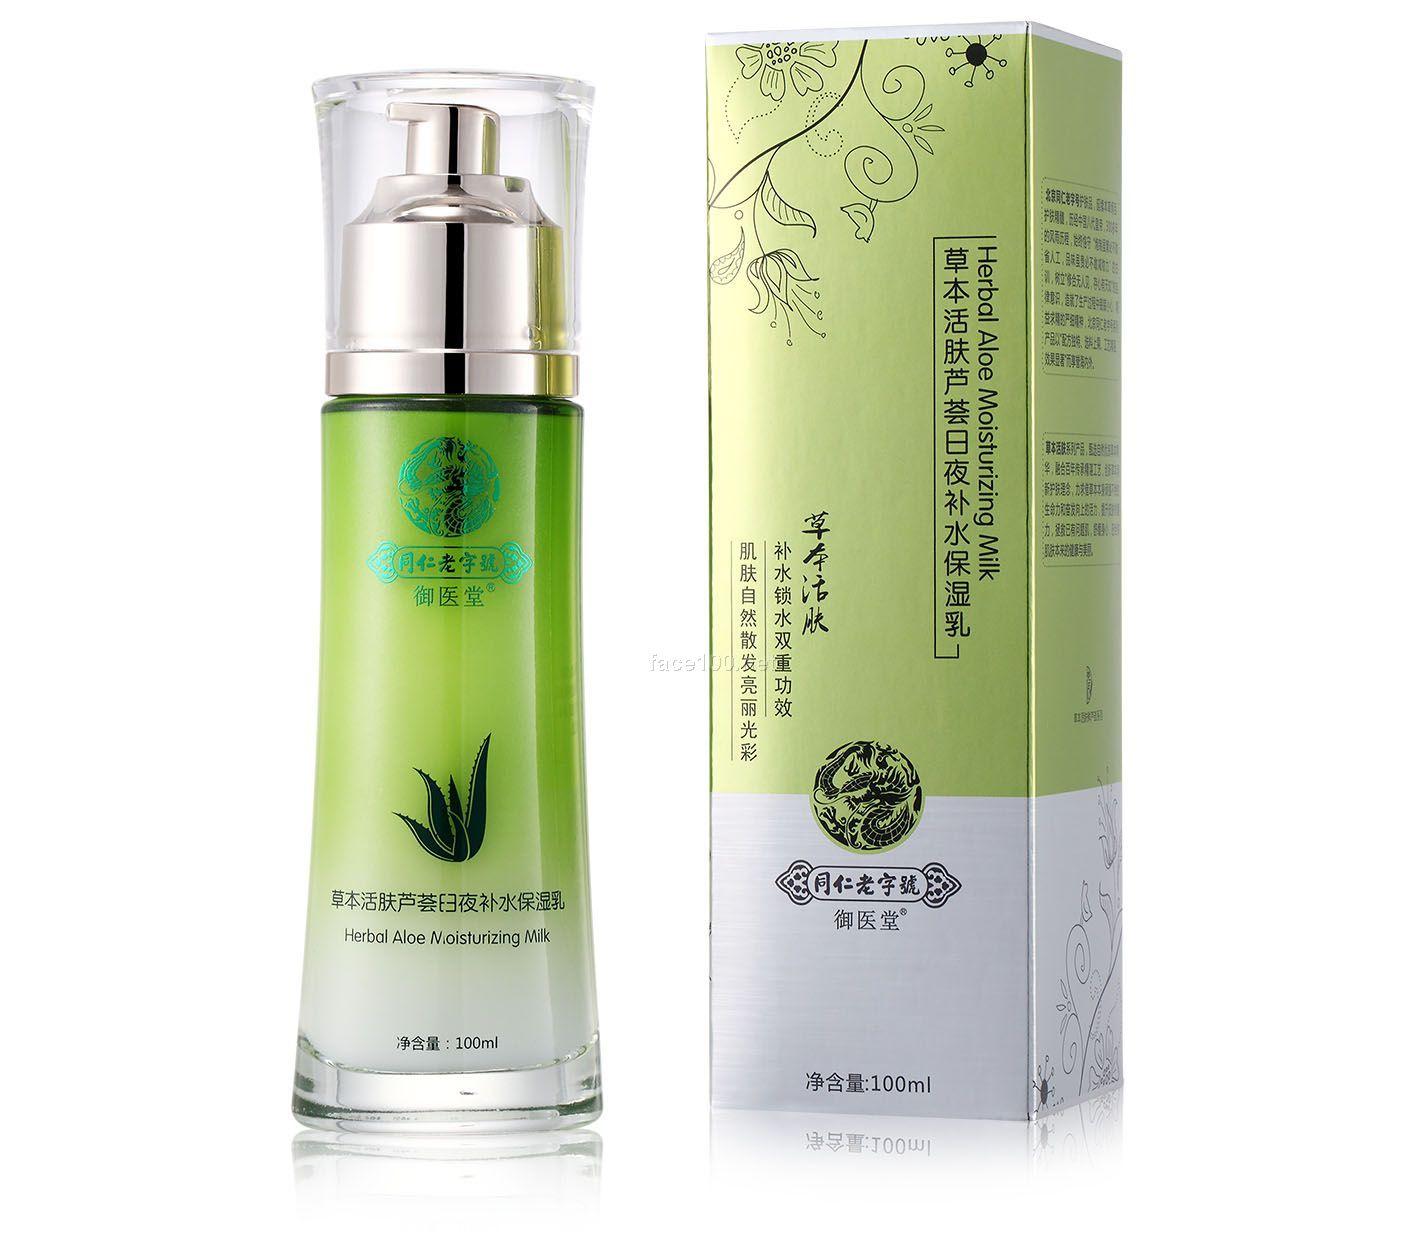 草木精华药妆 不含化学制剂